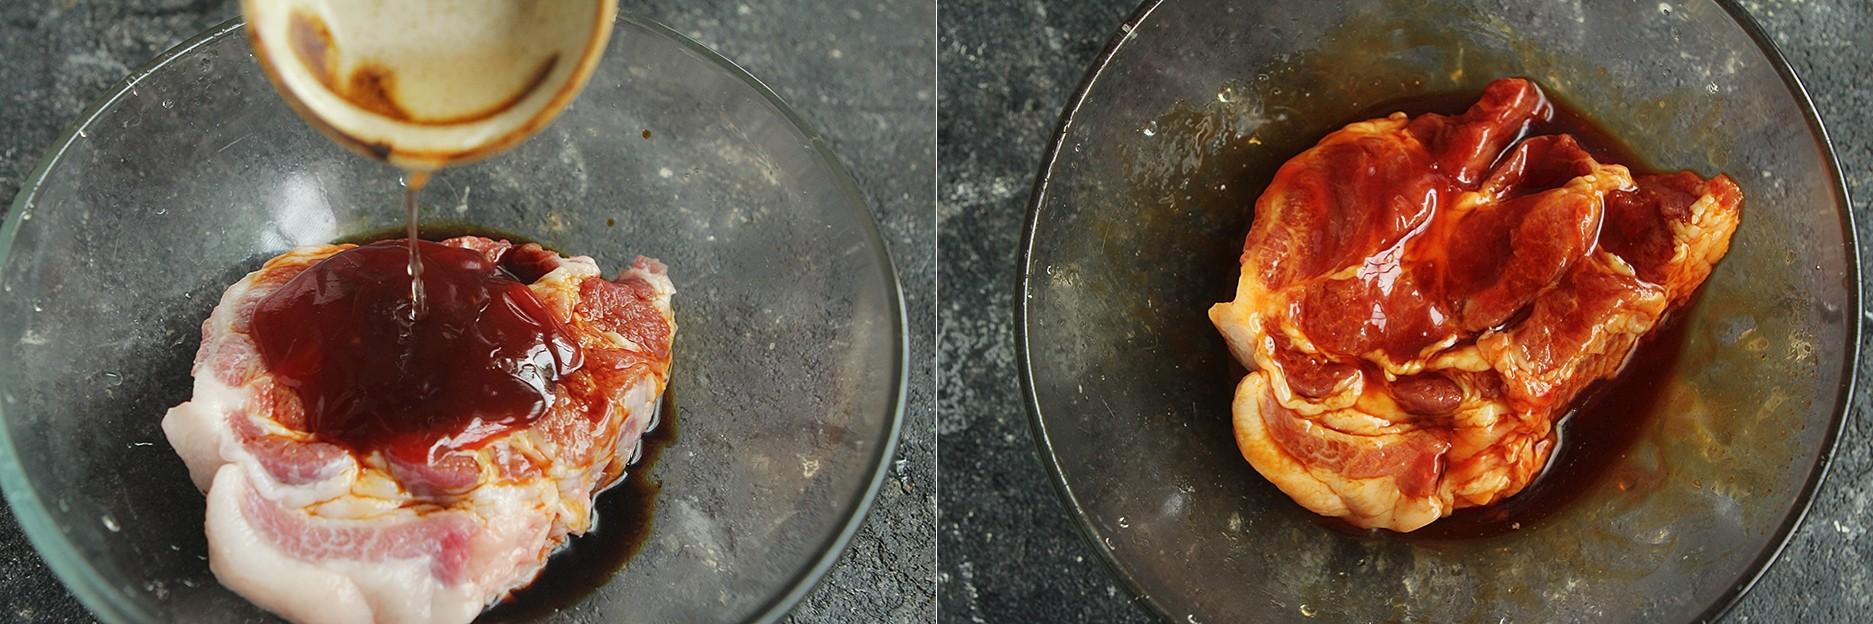 Tưởng không dễ mà dễ không tưởng: nướng thịt bằng nồi cơm điện ăn siêu ngon! - Ảnh 2